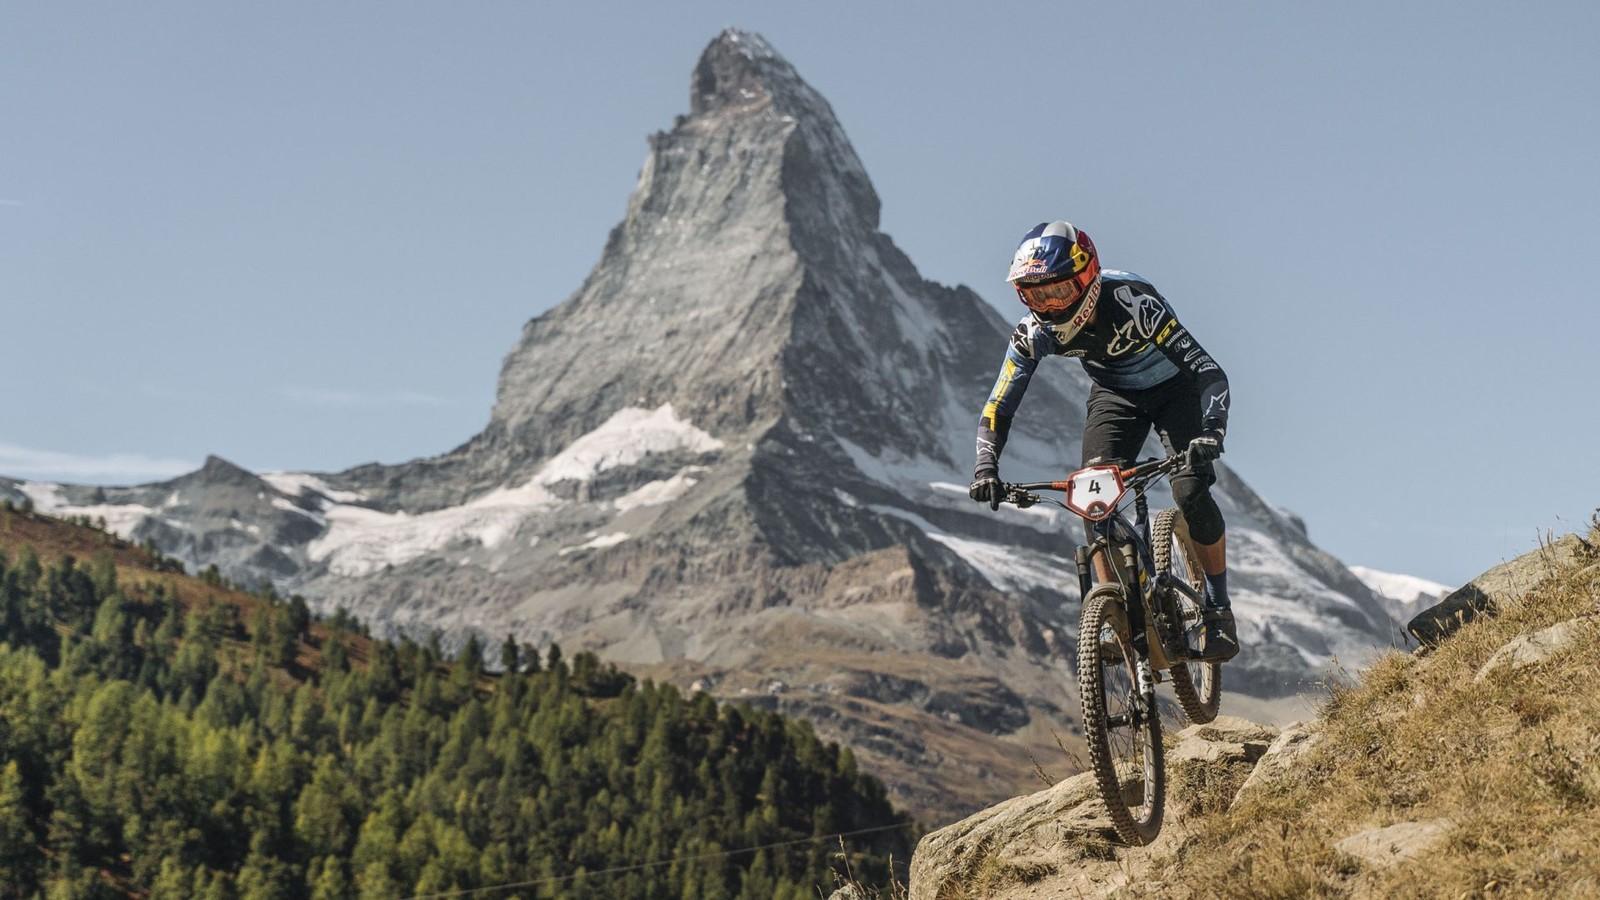 Who Will Master the Matterhorn?